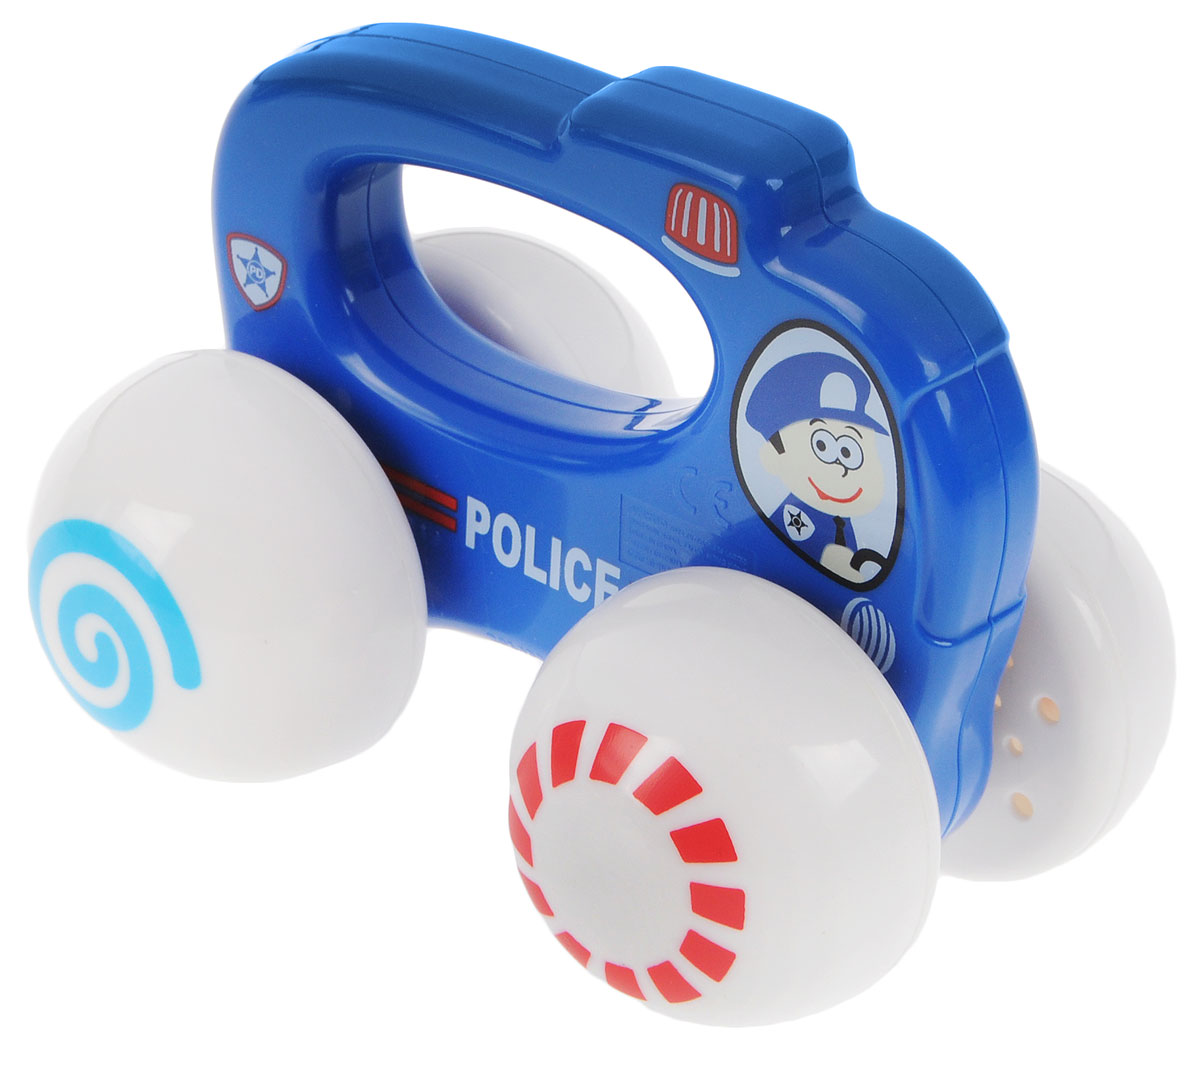 Playgo Развивающая игрушка Полицейская машина игрушка siku полицейская патрульная машина 8 1 3 6 2 9см 1352